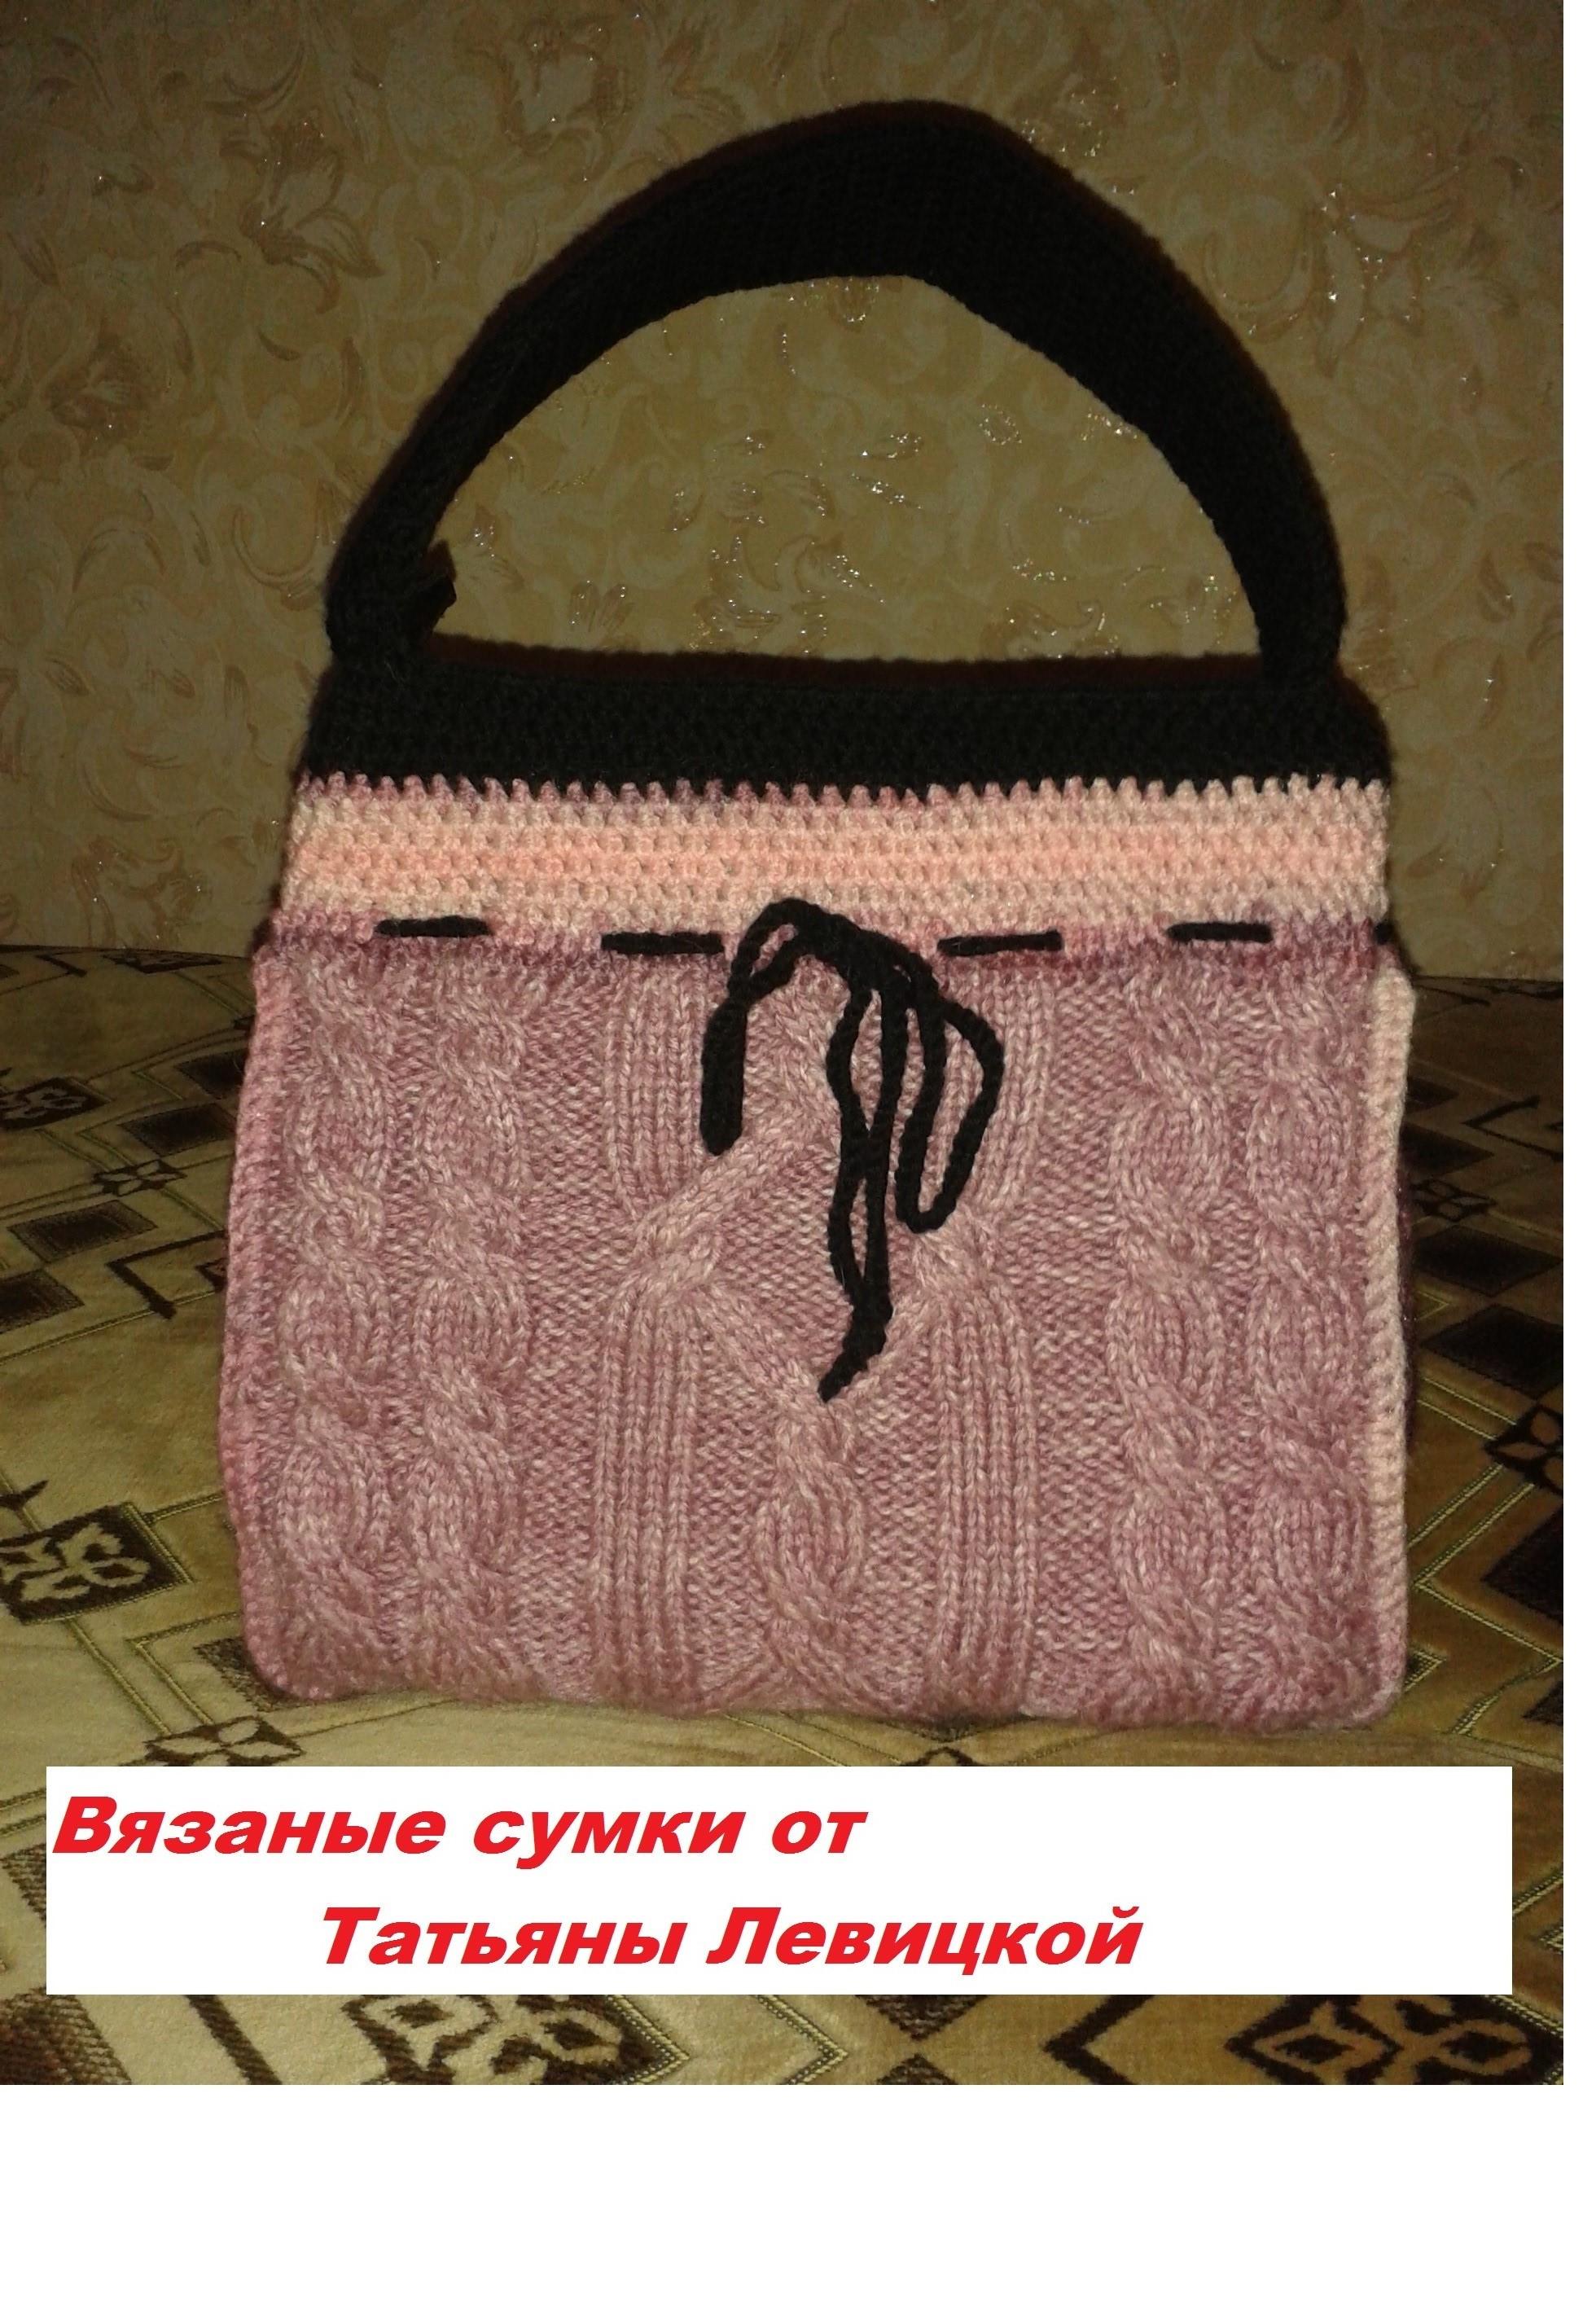 e69feff5cabd Вязаные сумки - запись пользователя levitskaya (Татьяна) в ...